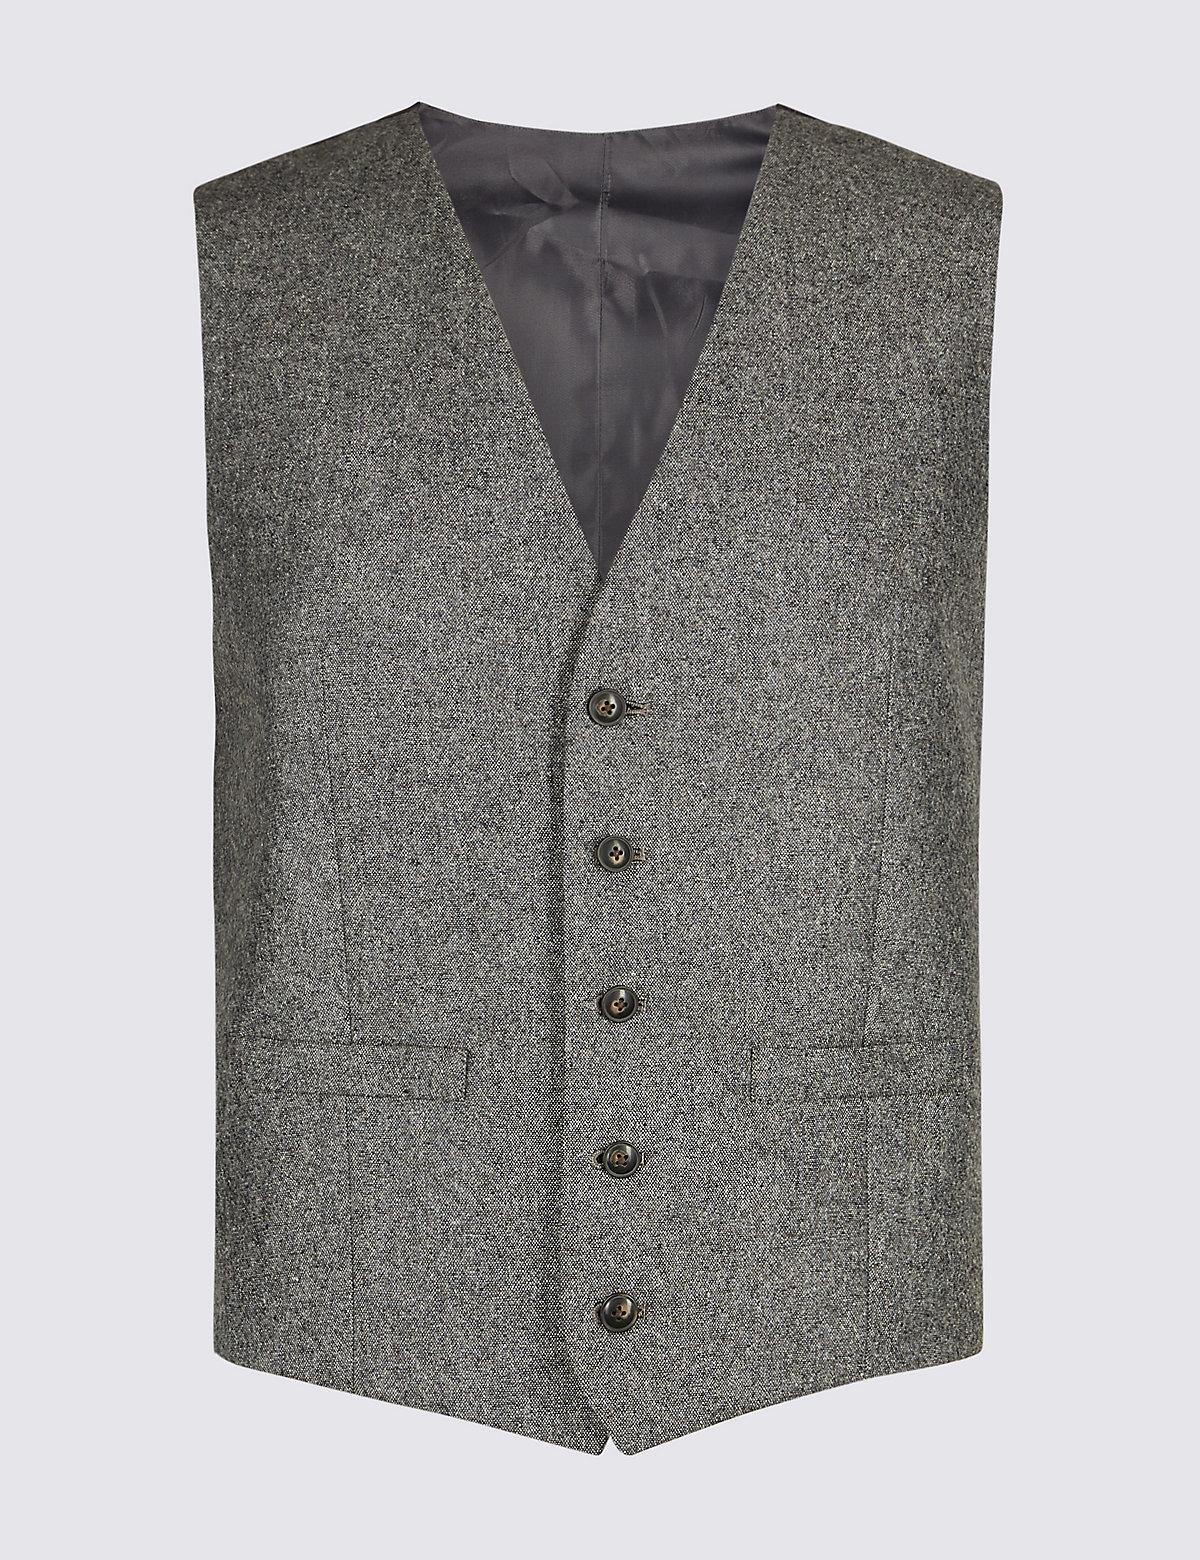 Жилет мужской текстурированный M&S Collection. Цвет: темный серый